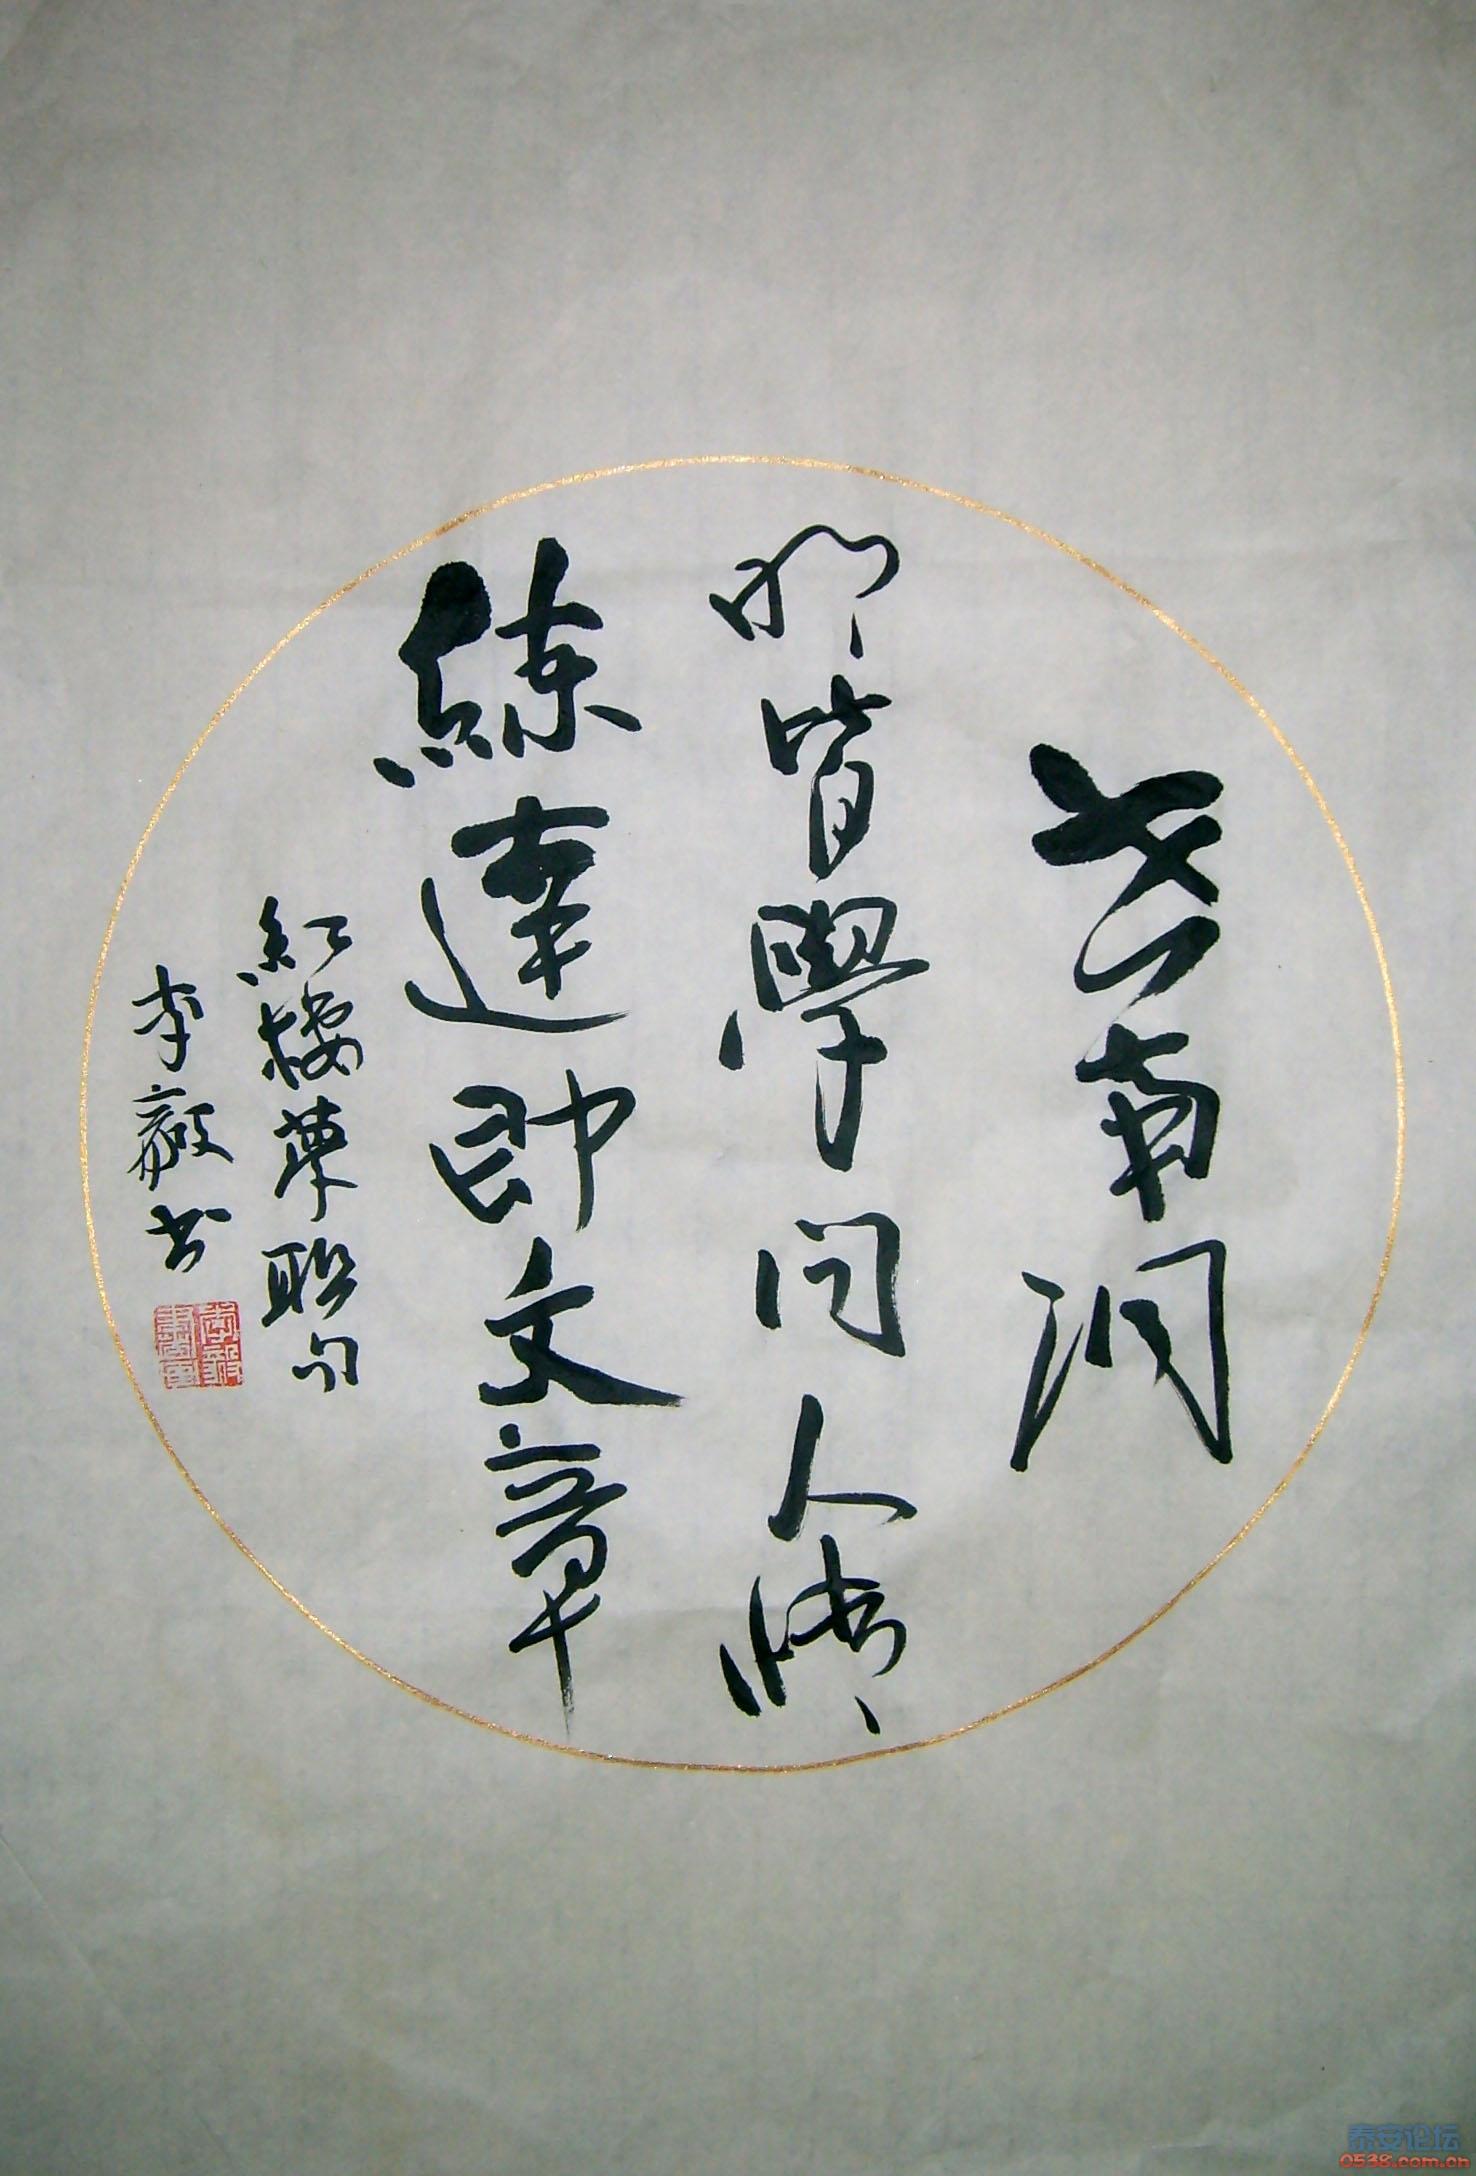 绘画,书法 ,纹身,旅行.我们的幸福生活>>>>>